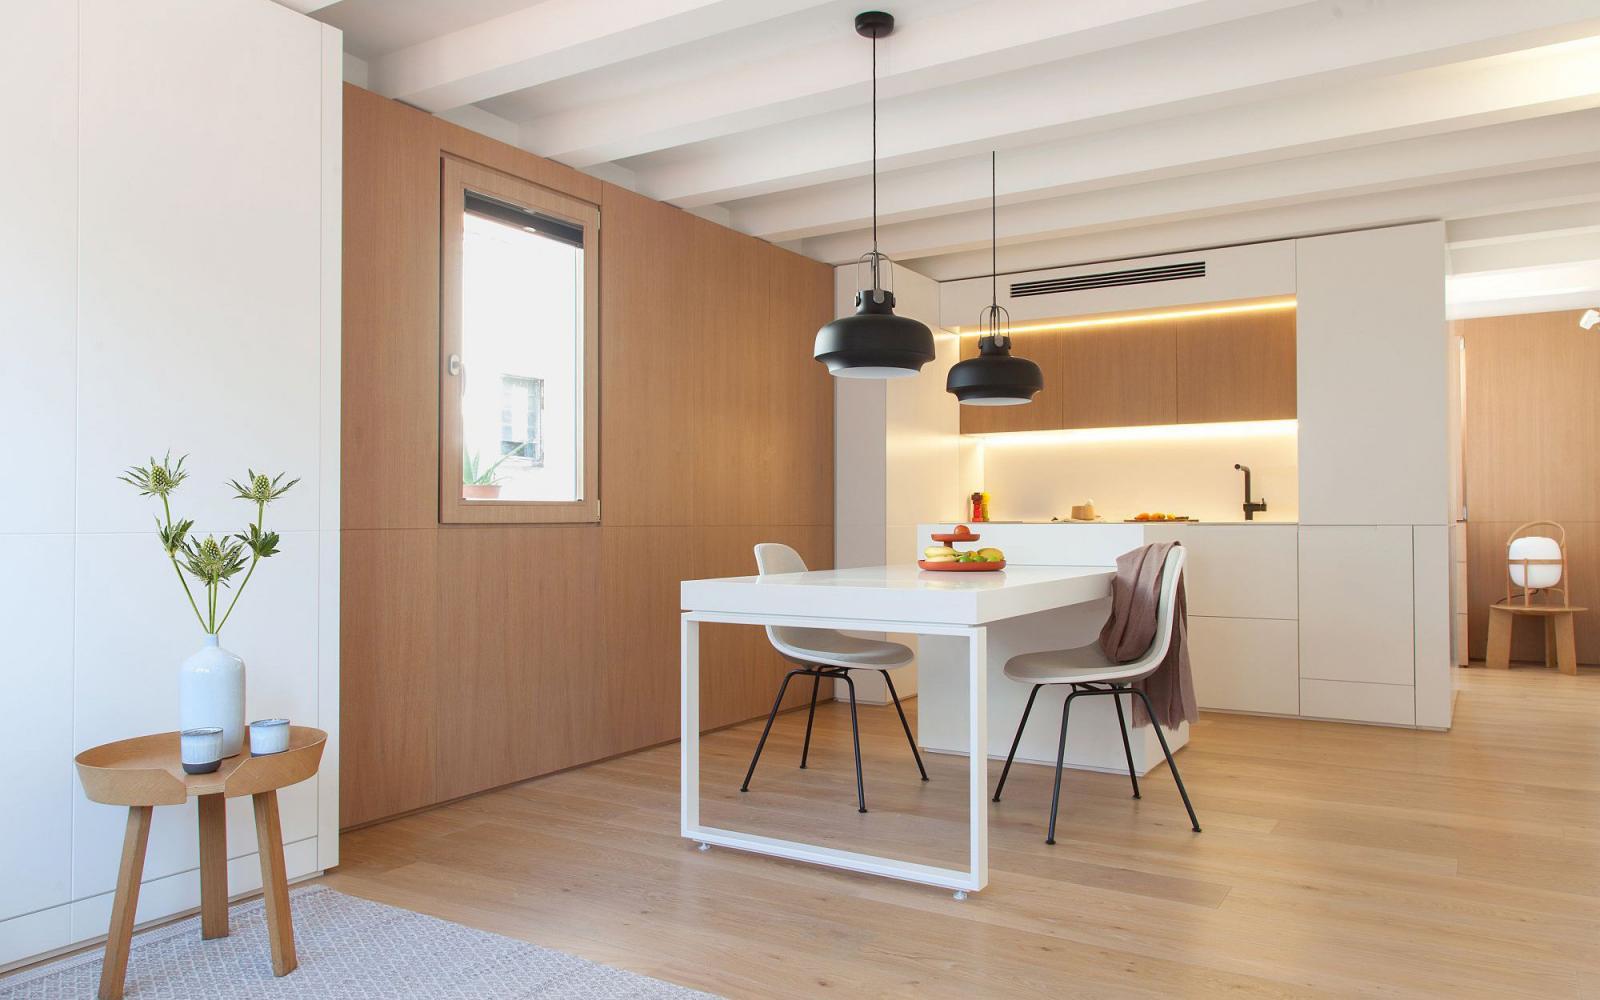 nội thất Hàn Quốc chuộng vật liệu gỗ có màu sắc tự nhiên